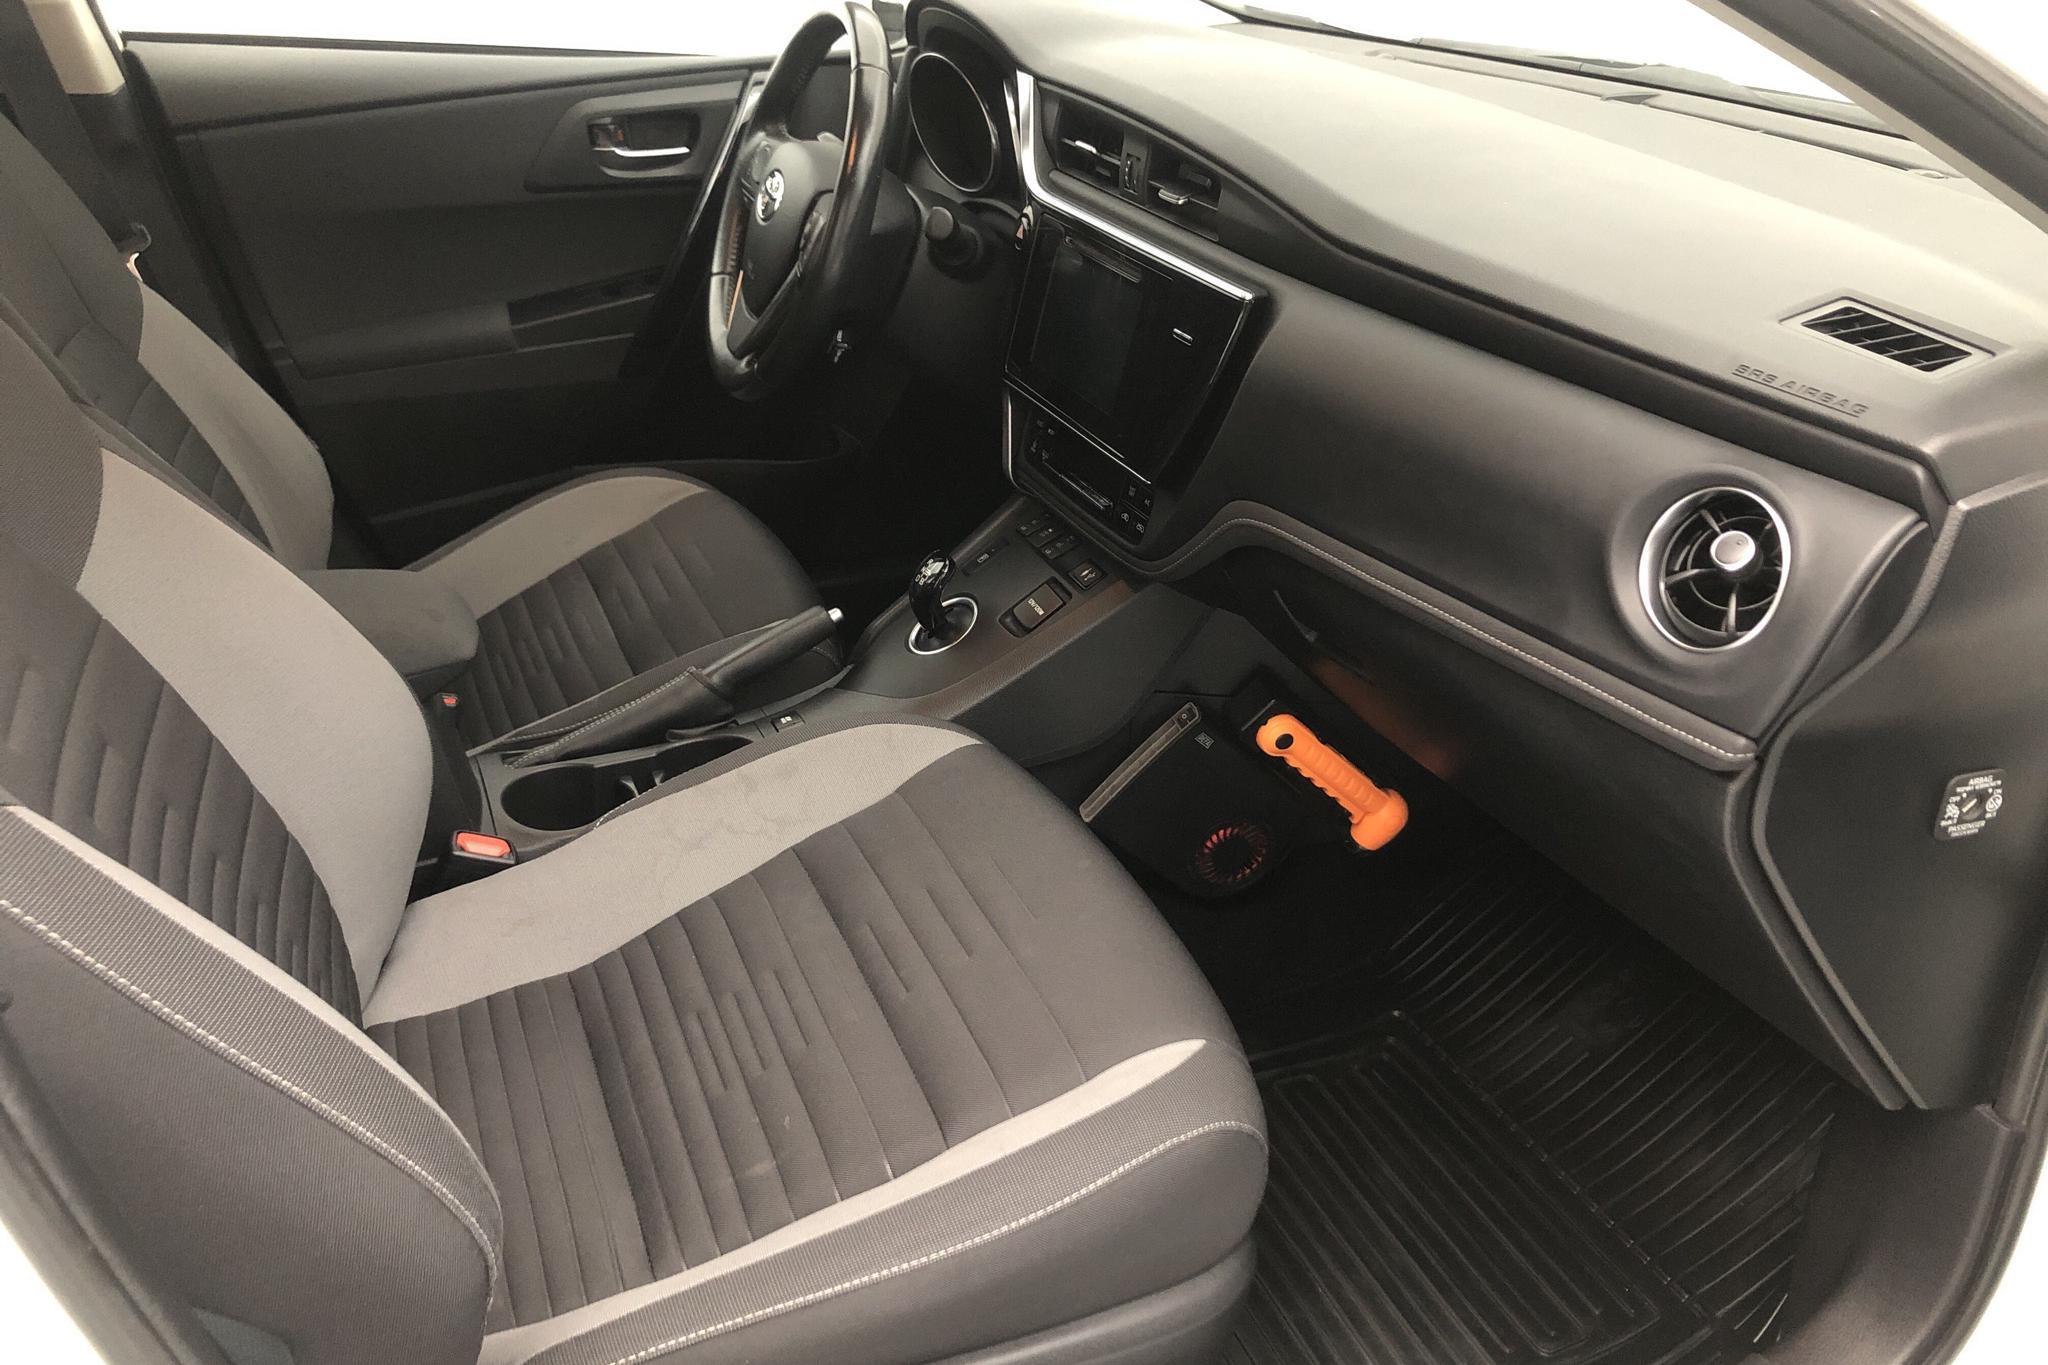 Toyota Auris 1.8 HSD 5dr (99hk) - 7 681 mil - Automat - vit - 2018